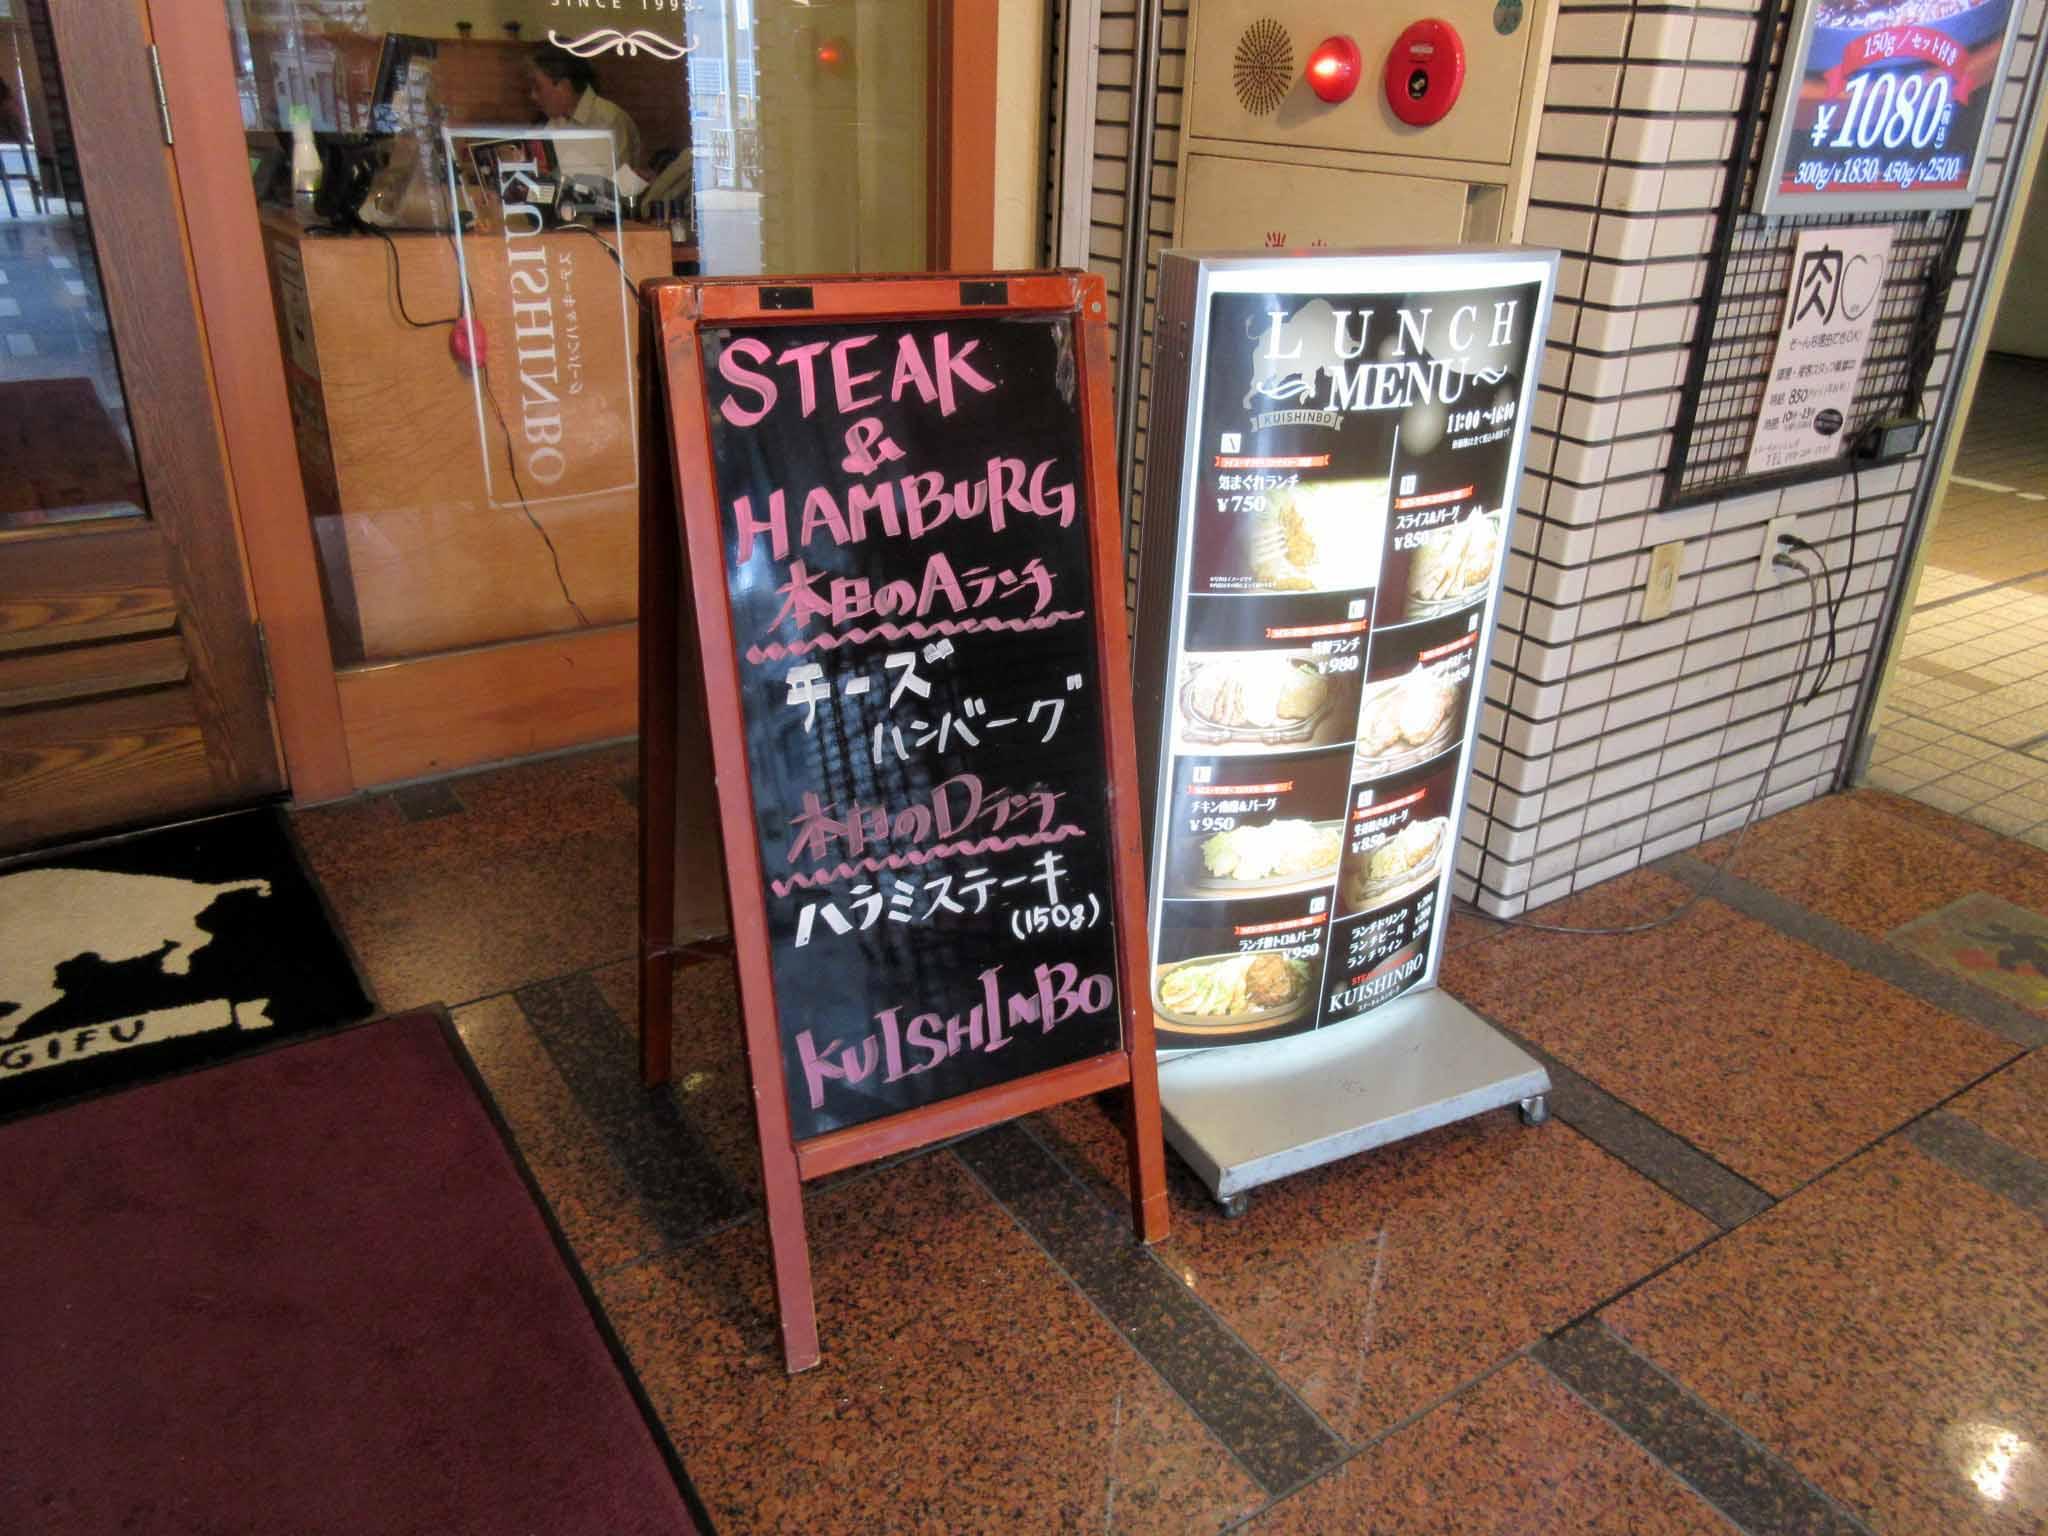 本日の日替りバーグとステーキ